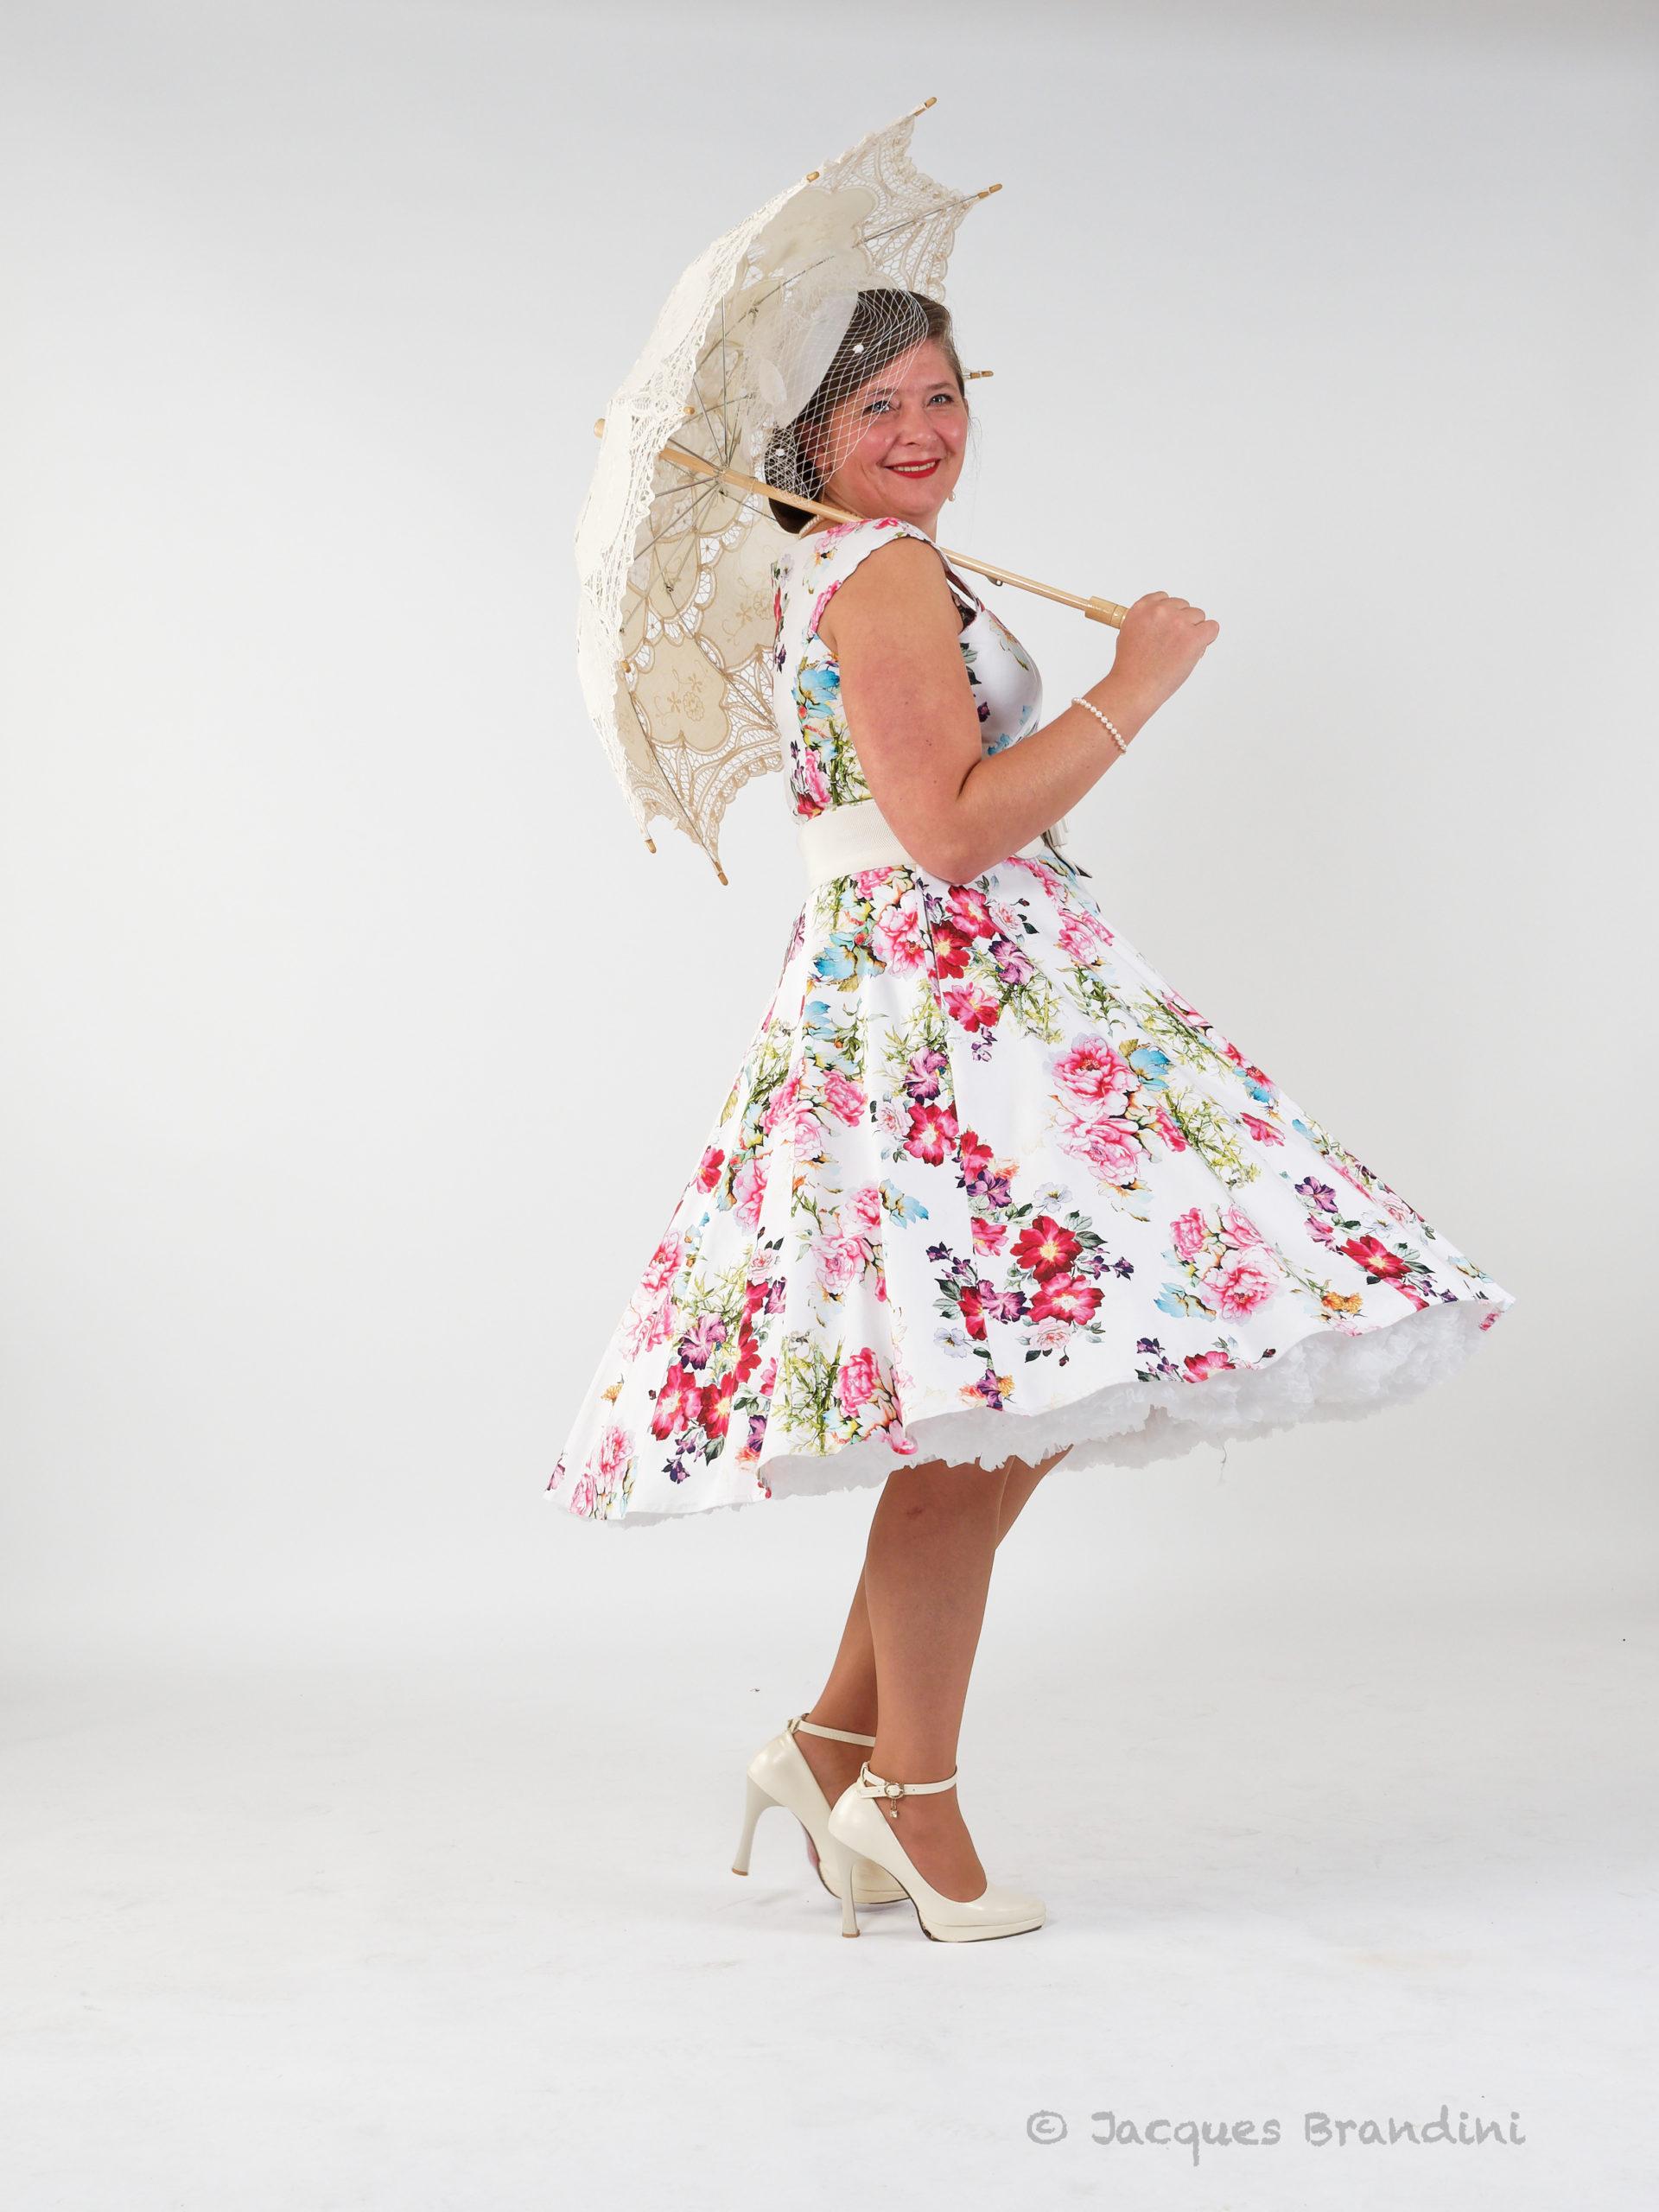 """Robe que je nomme """"fleur estivale"""" de la marque Hearts & Roses trouvée à la boutique Sweet Candy Shop à Molsheim. Photo de Jacques Brandini réalisée lors de l'atelier photo spécial portrait chez Studio Jean Paul à Guebwiller. Model : Cendrine Miesch dite LaPtiteAlsacienne"""